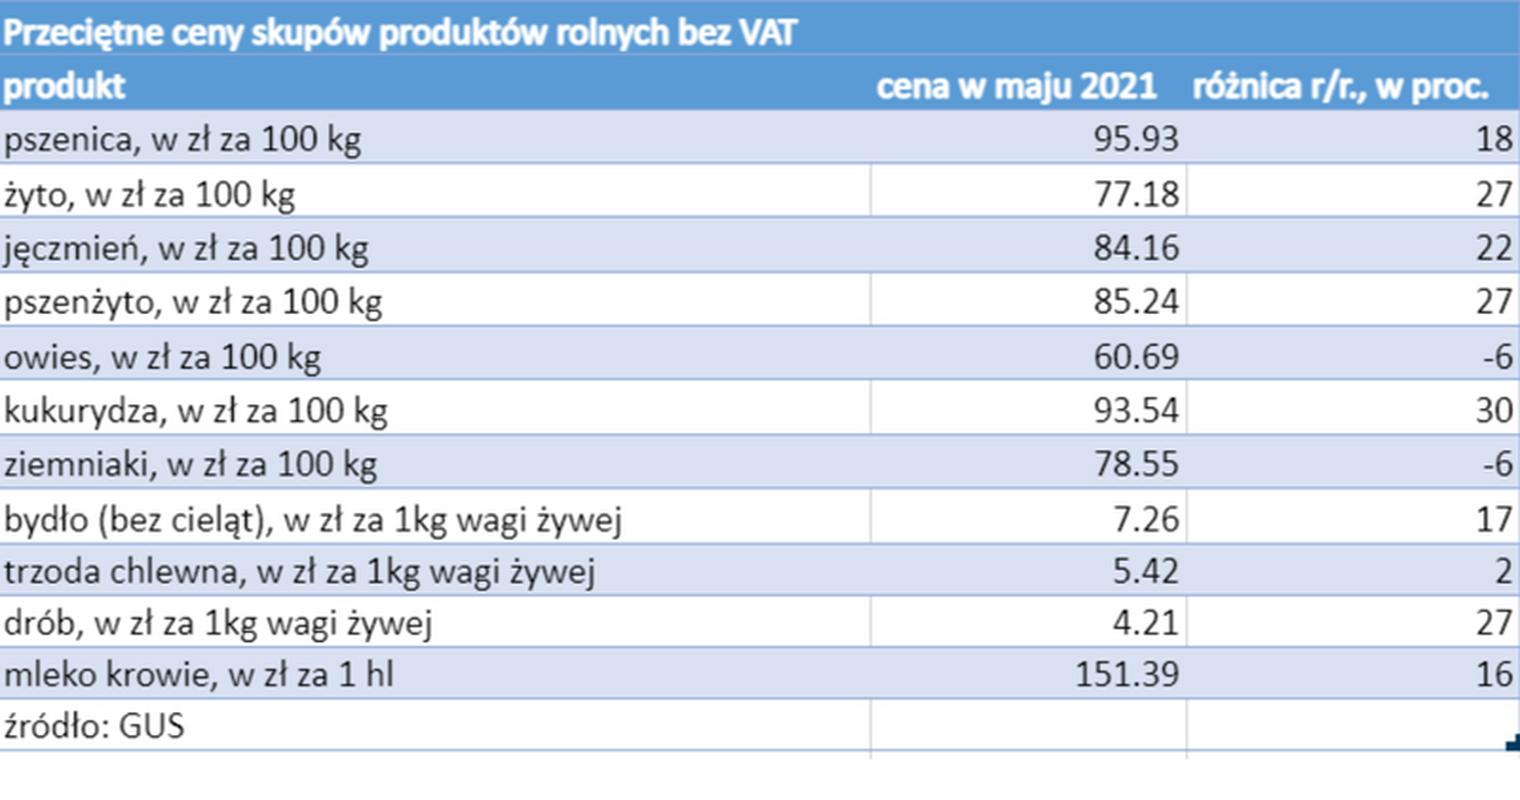 Przeciętne ceny skupów rolnych bez VAT